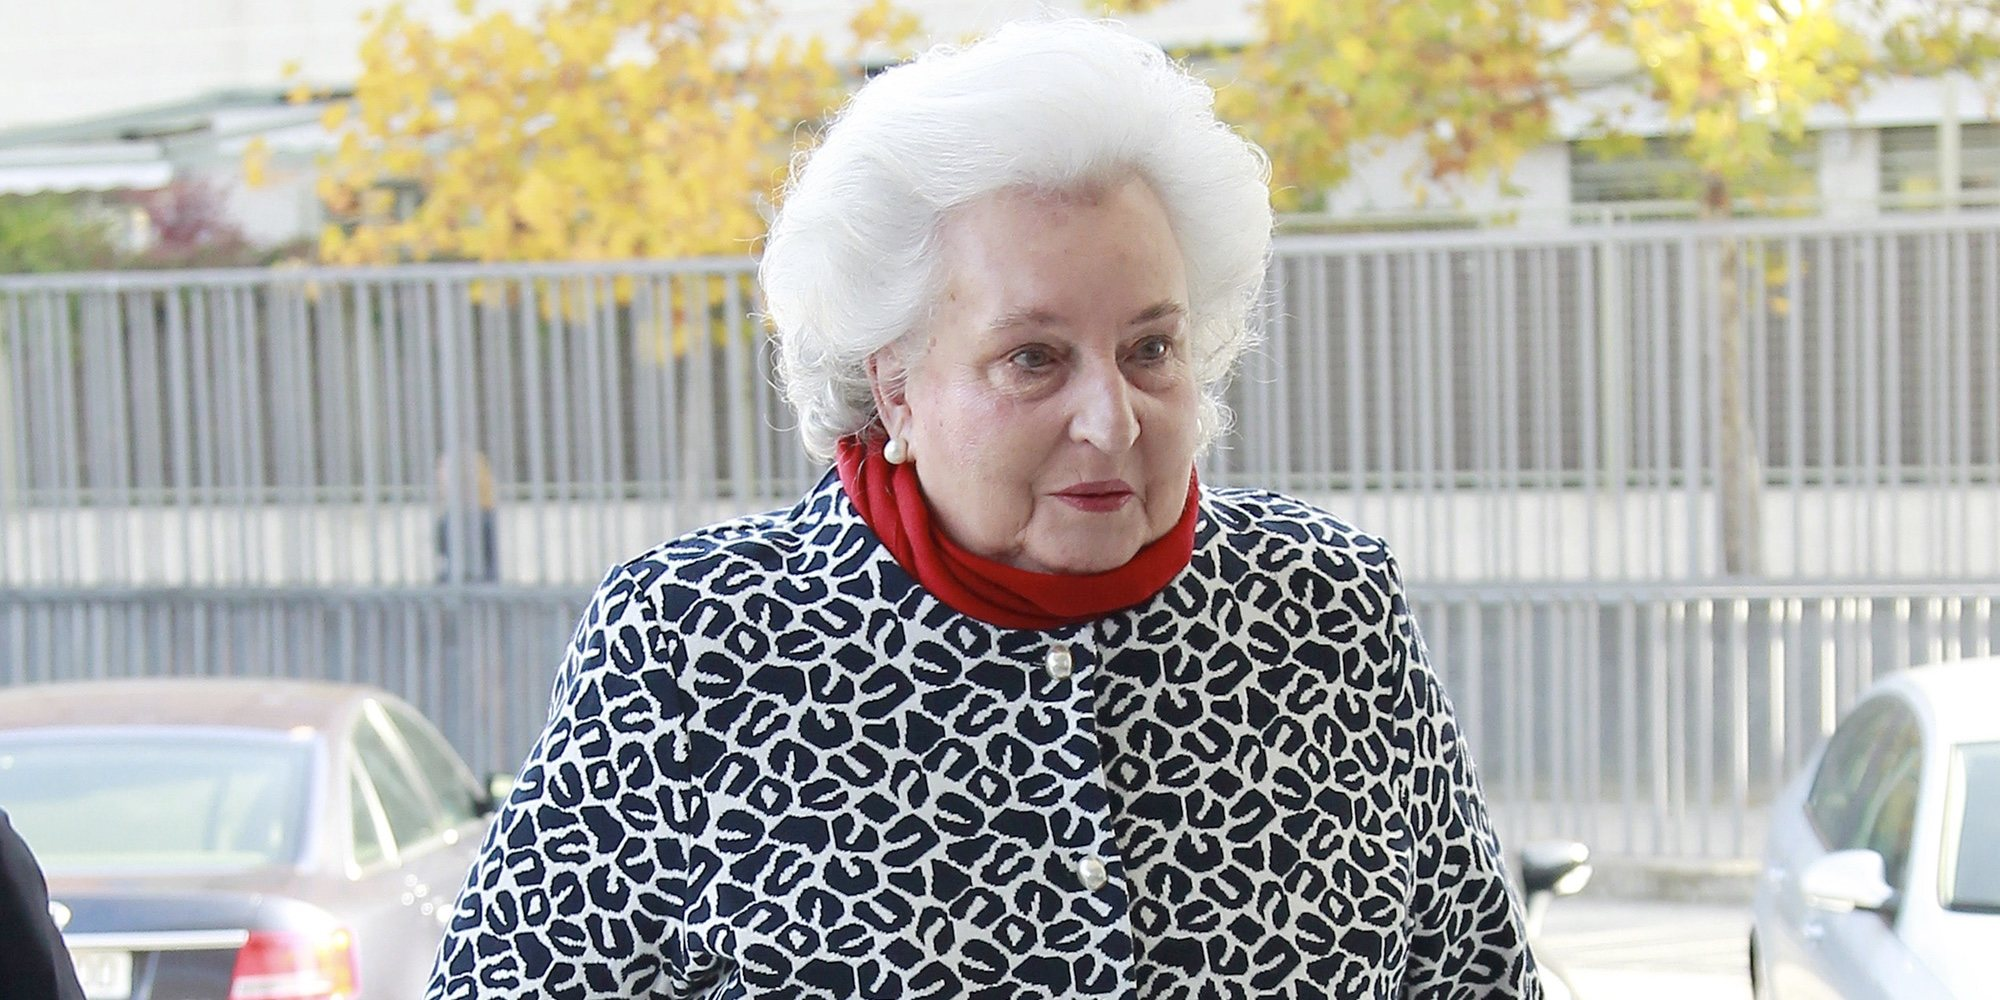 La Infanta Pilar recibe el alta tras su ingreso en Palma y regresa a casa muy animada